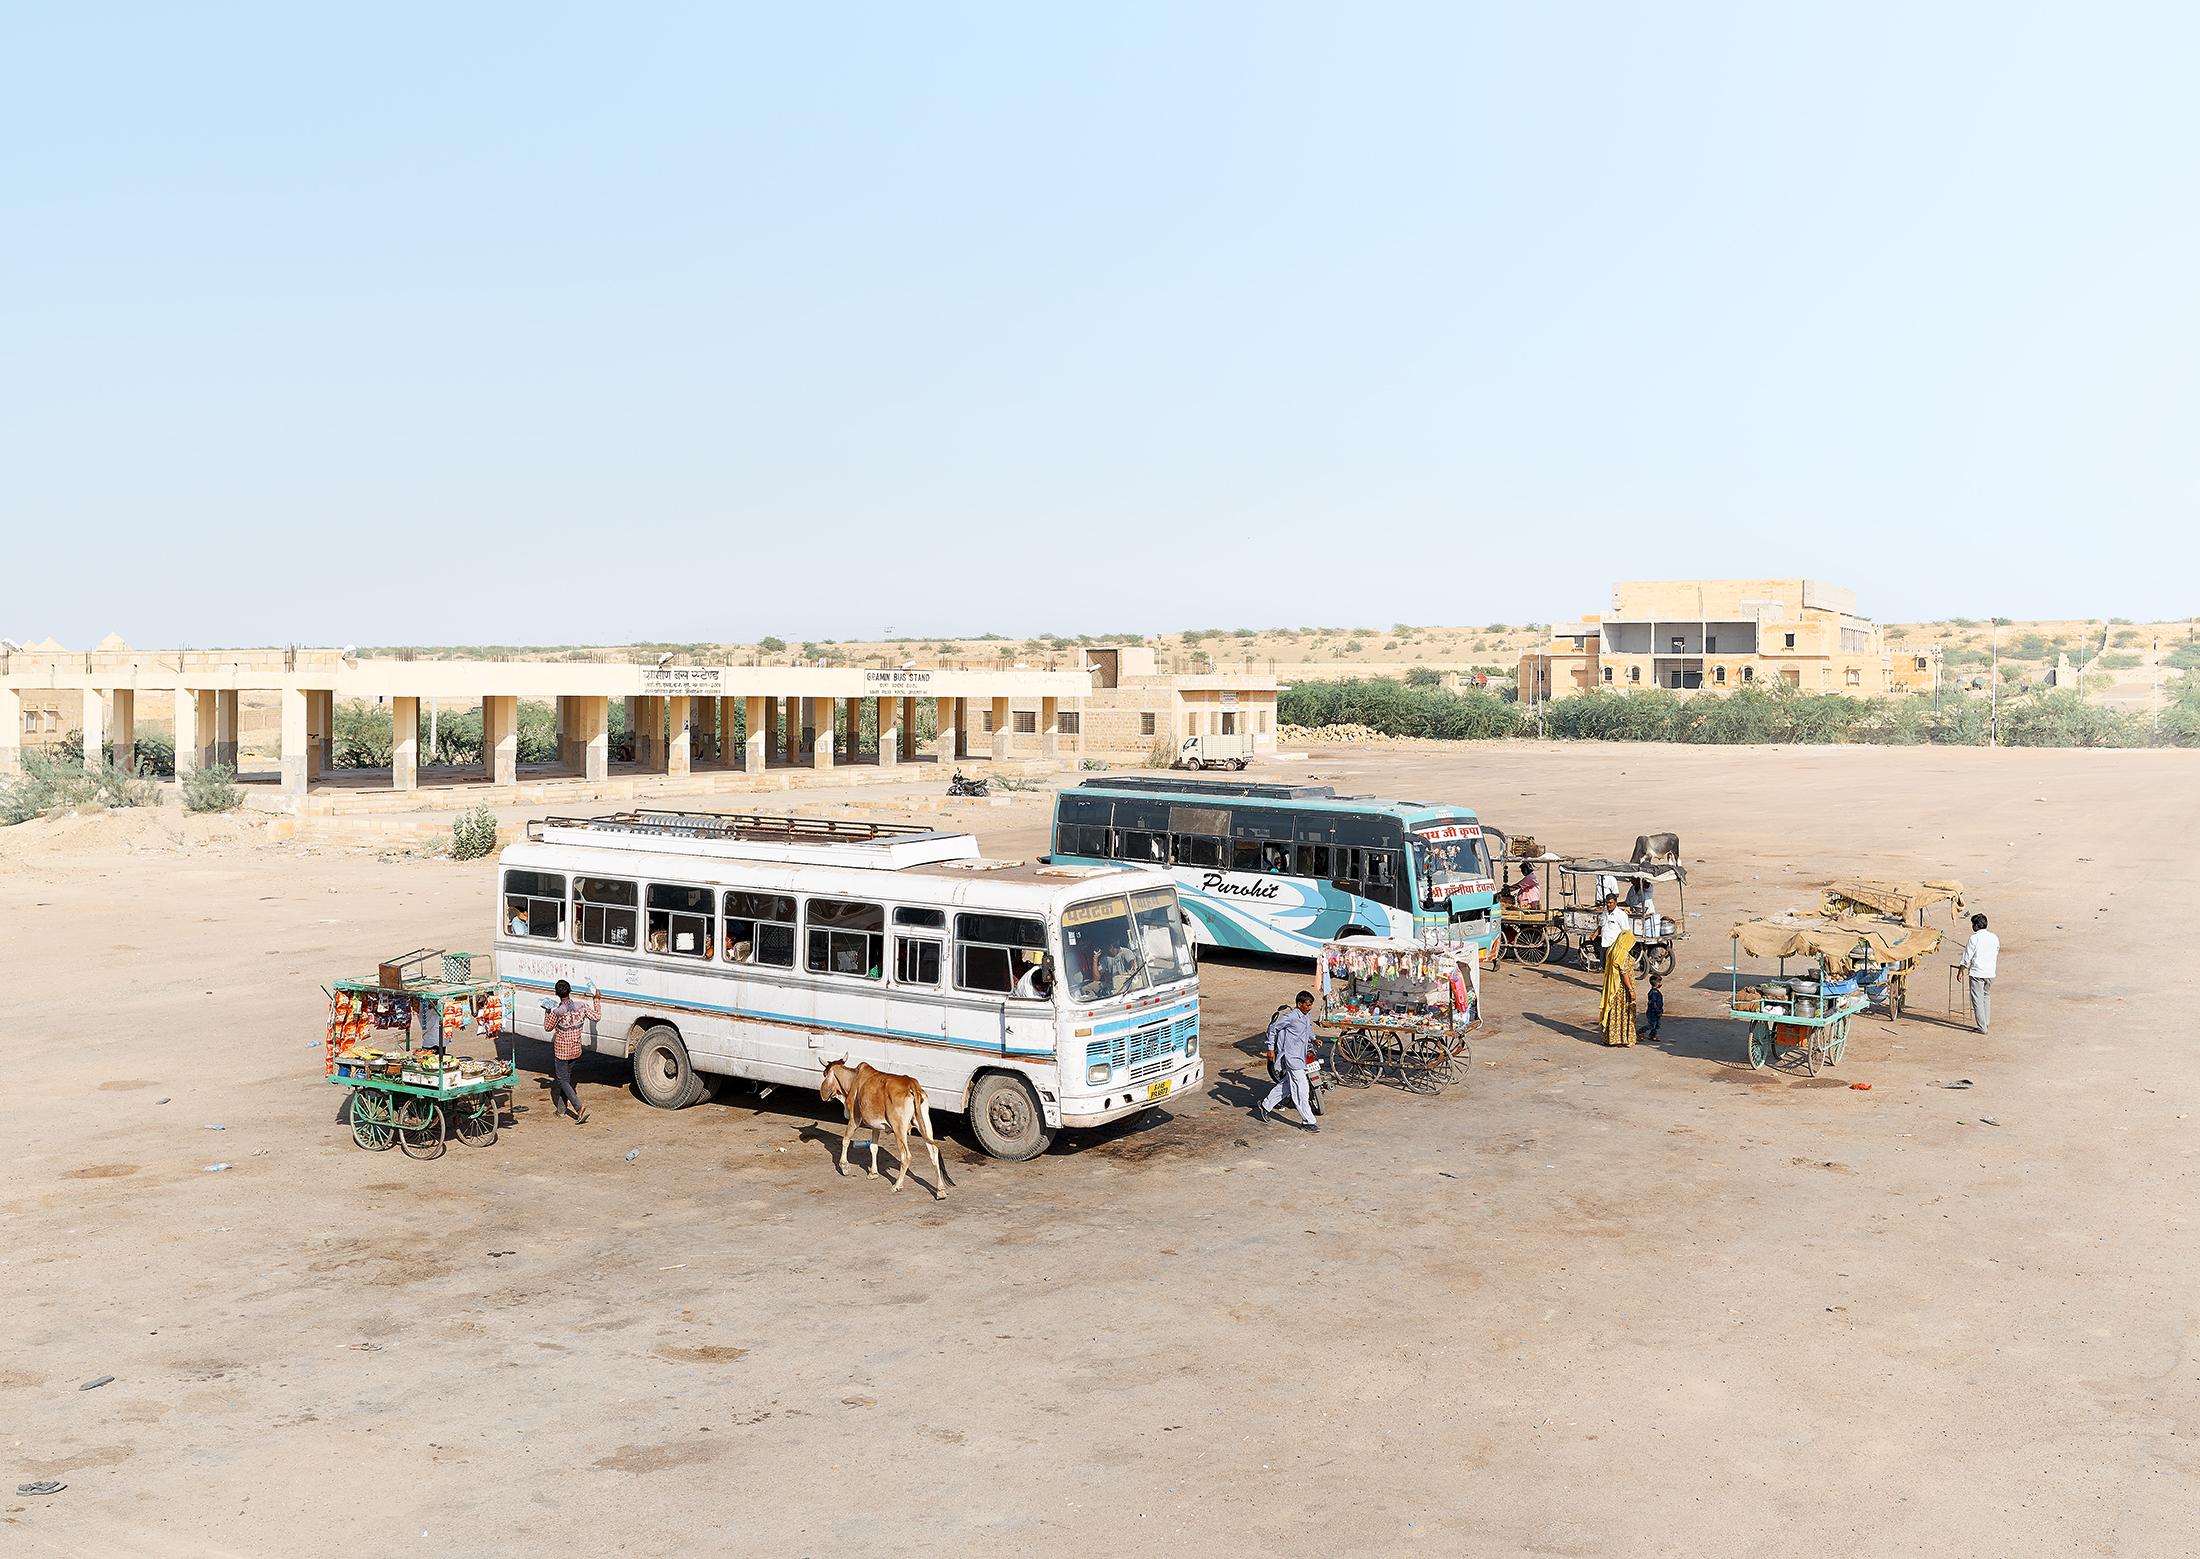 05_Bus Stop, Jaisalmer, India, 2017.jpg